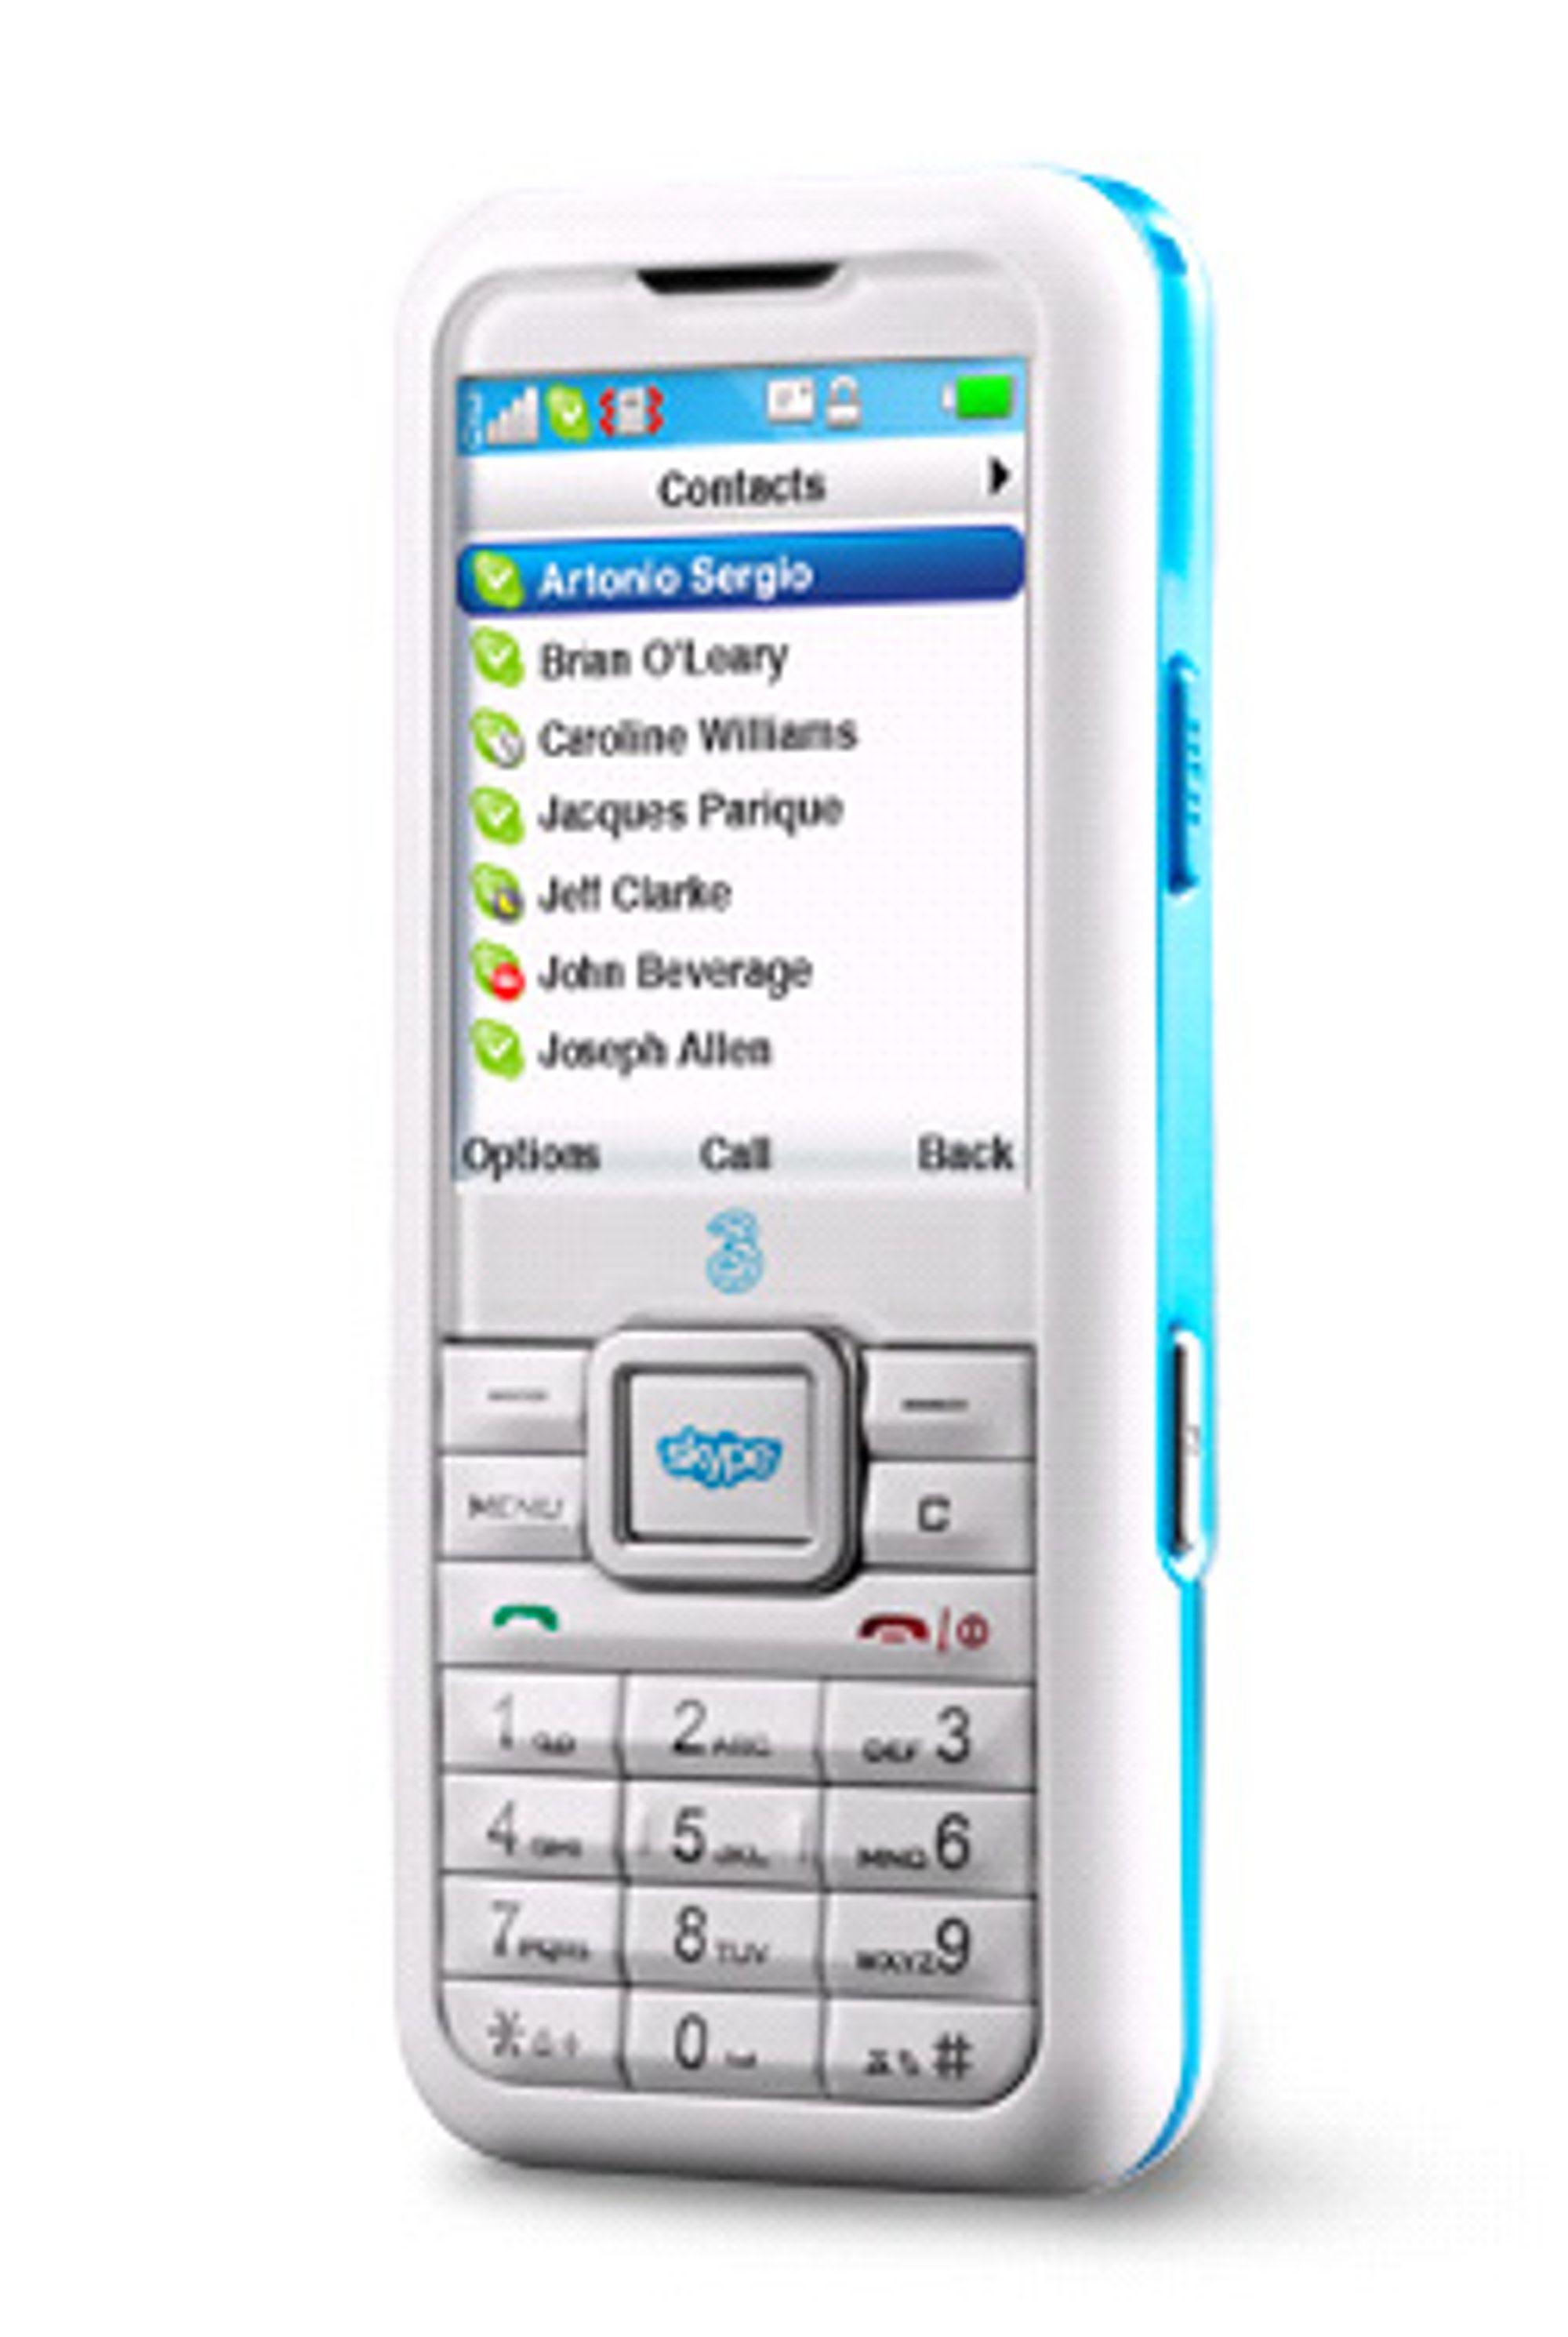 3 Skypephone er kun å få tak i i land der operatøren 3 opererer. (Foto: 3)